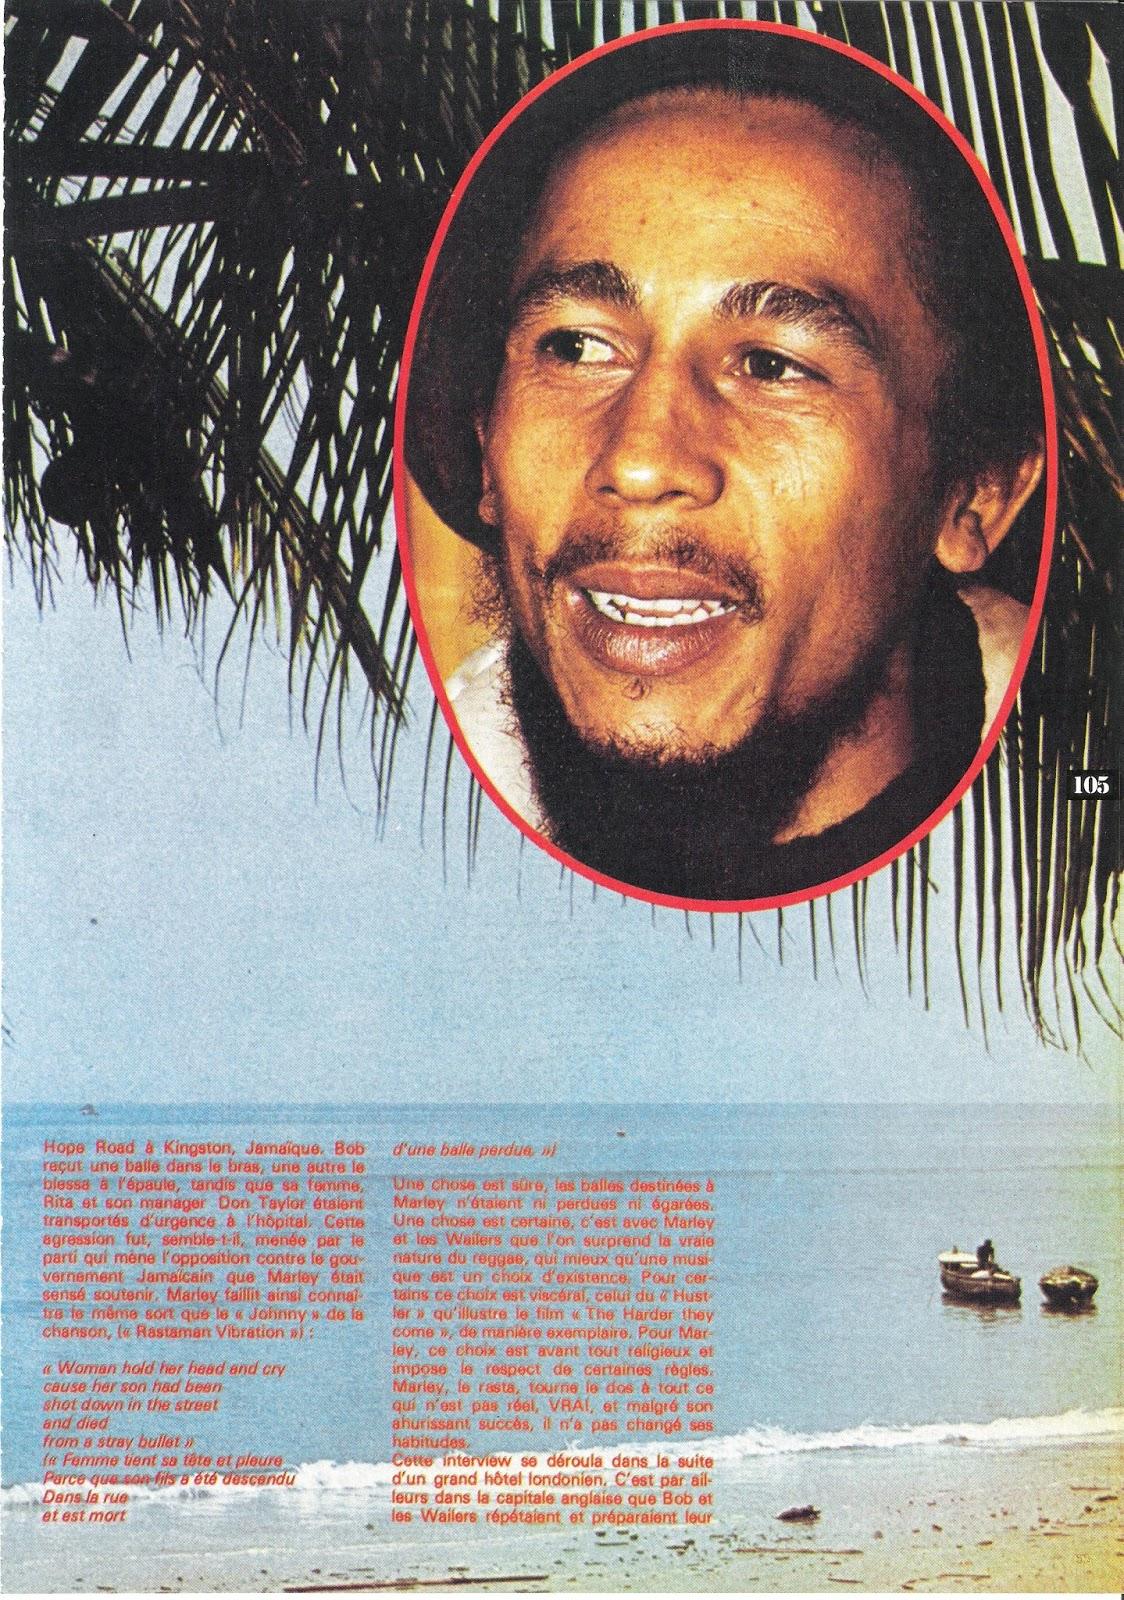 Haile Selassie Mort